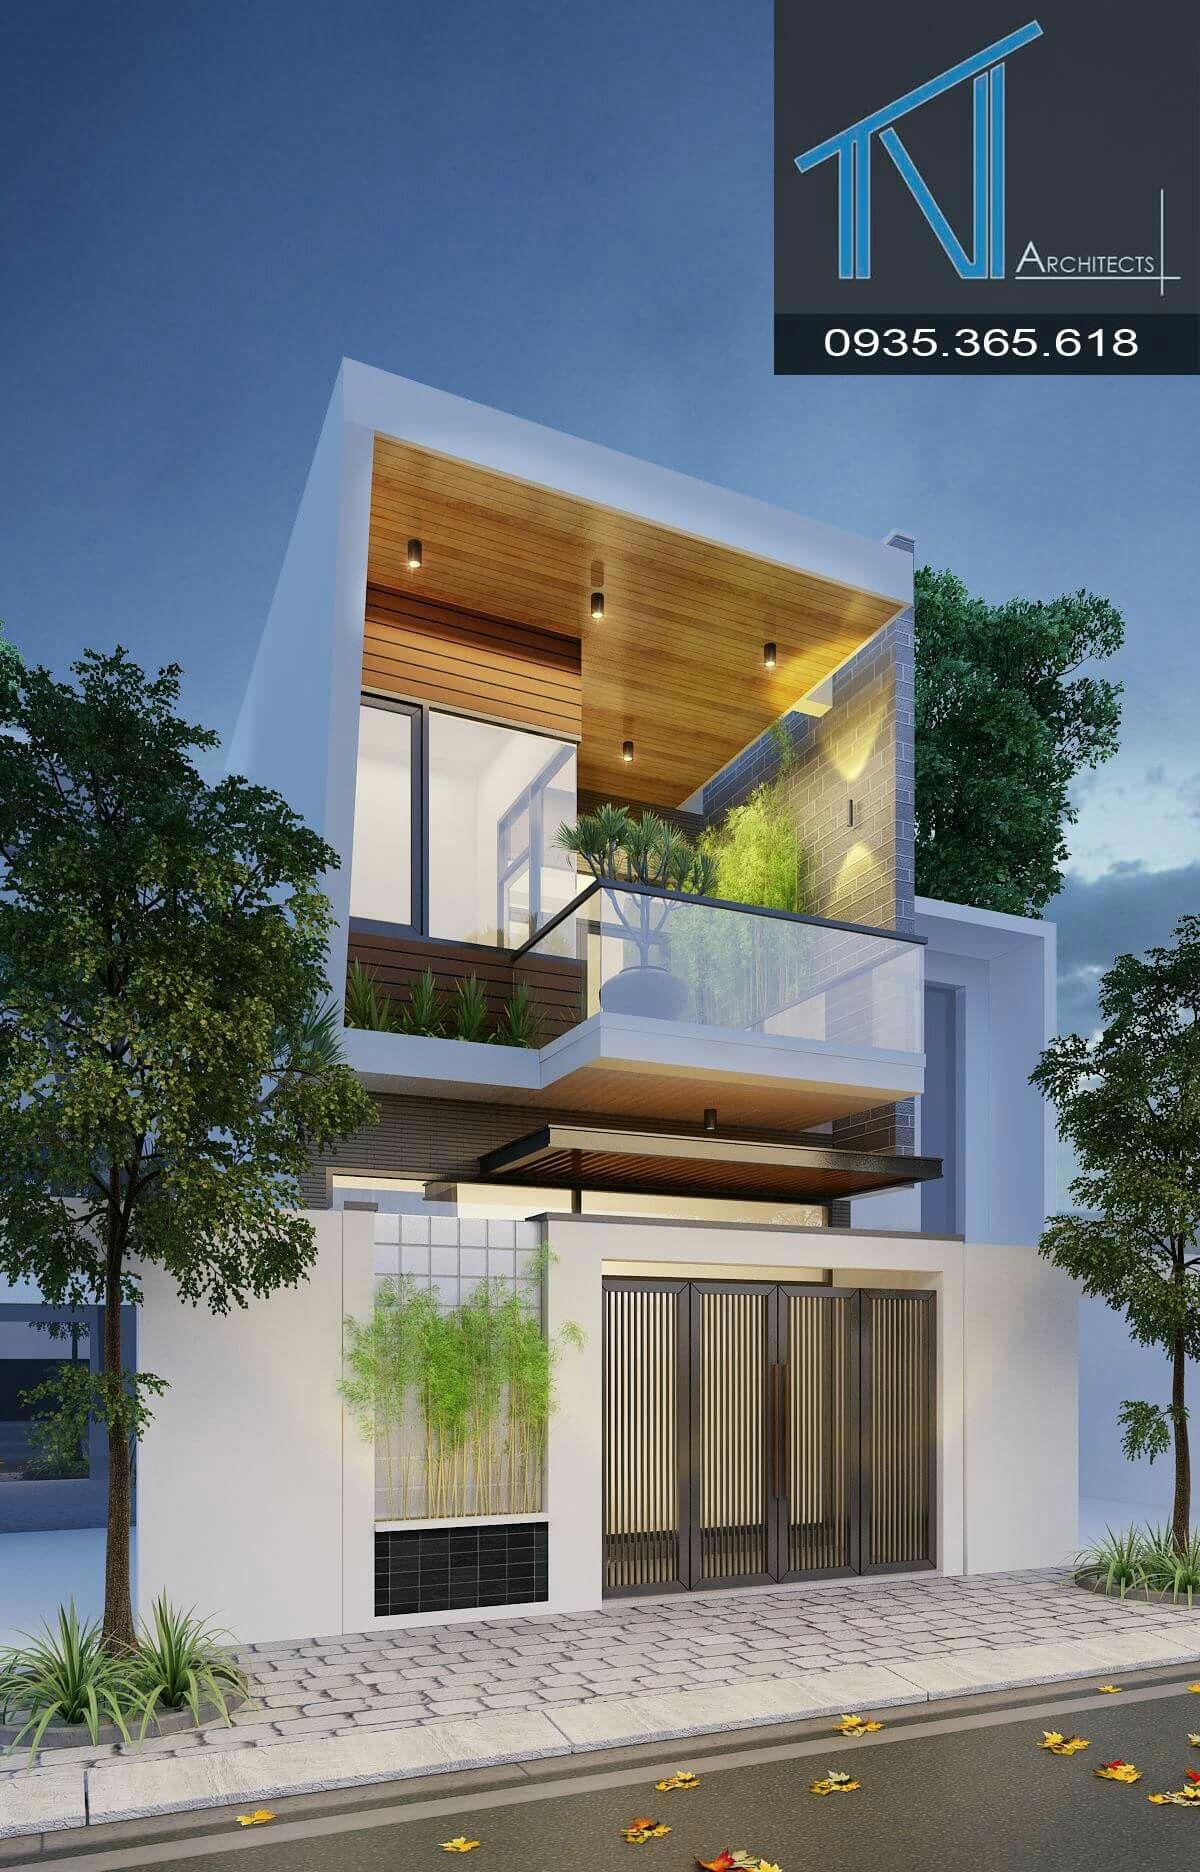 Architektur, Duplex Haus Design, Moderne Häuser, Zeitgenössische Häuser, Kleine  Häuser, Hausfassaden, Badgestaltung, Moderne Architektur, Schmales Haus